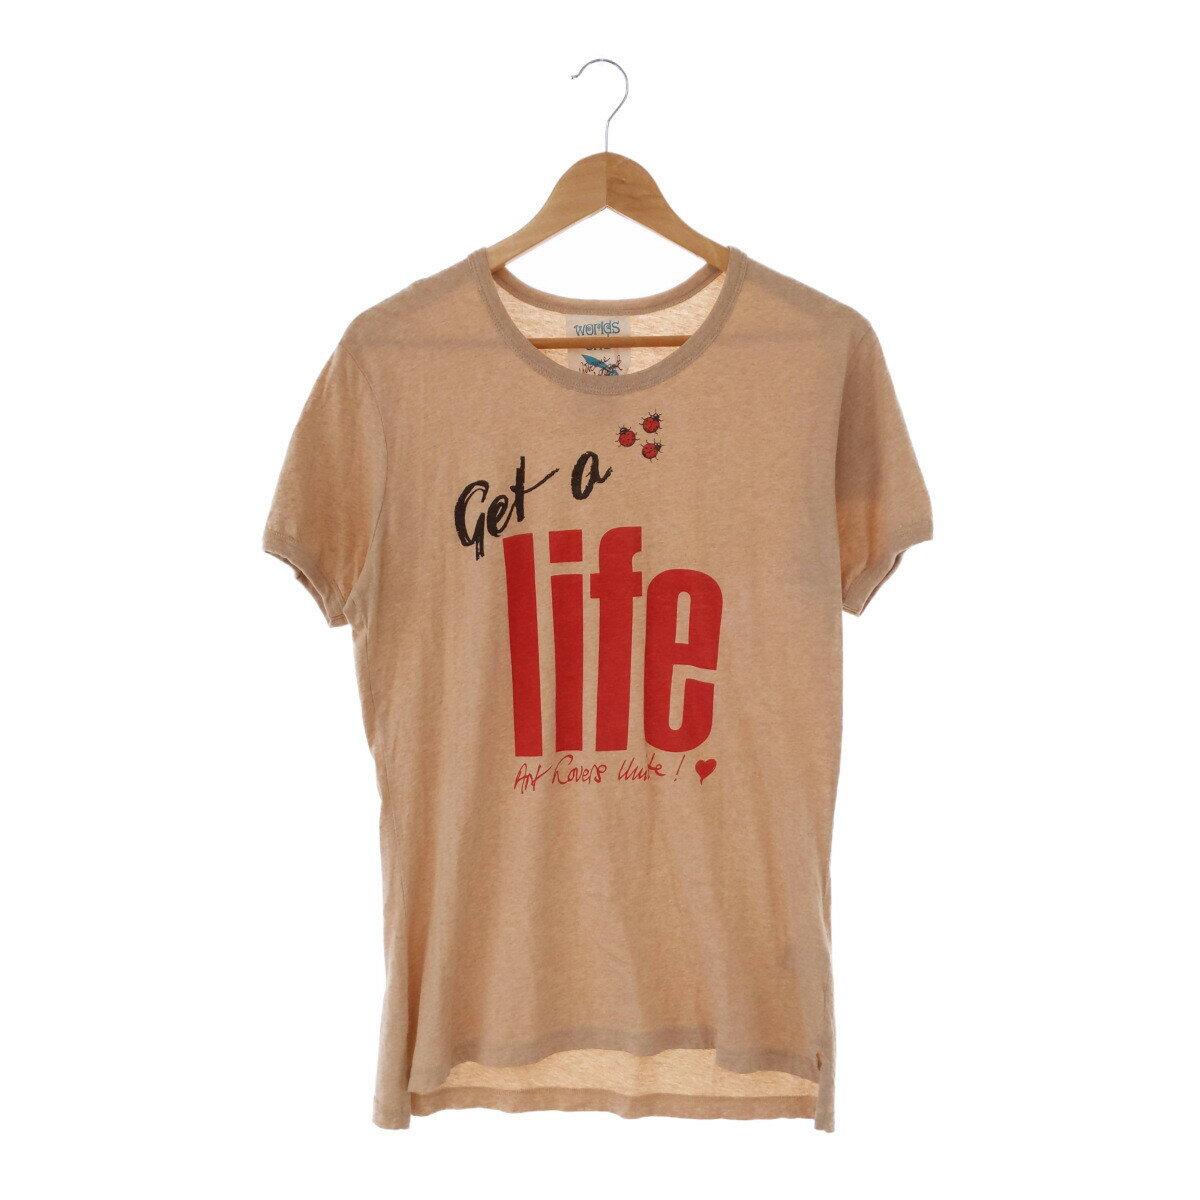 トップス, Tシャツ・カットソー Vivienne Westwood Worlds End Get a life T Tee T-shirt ITV68JIA5ILY RM1446I